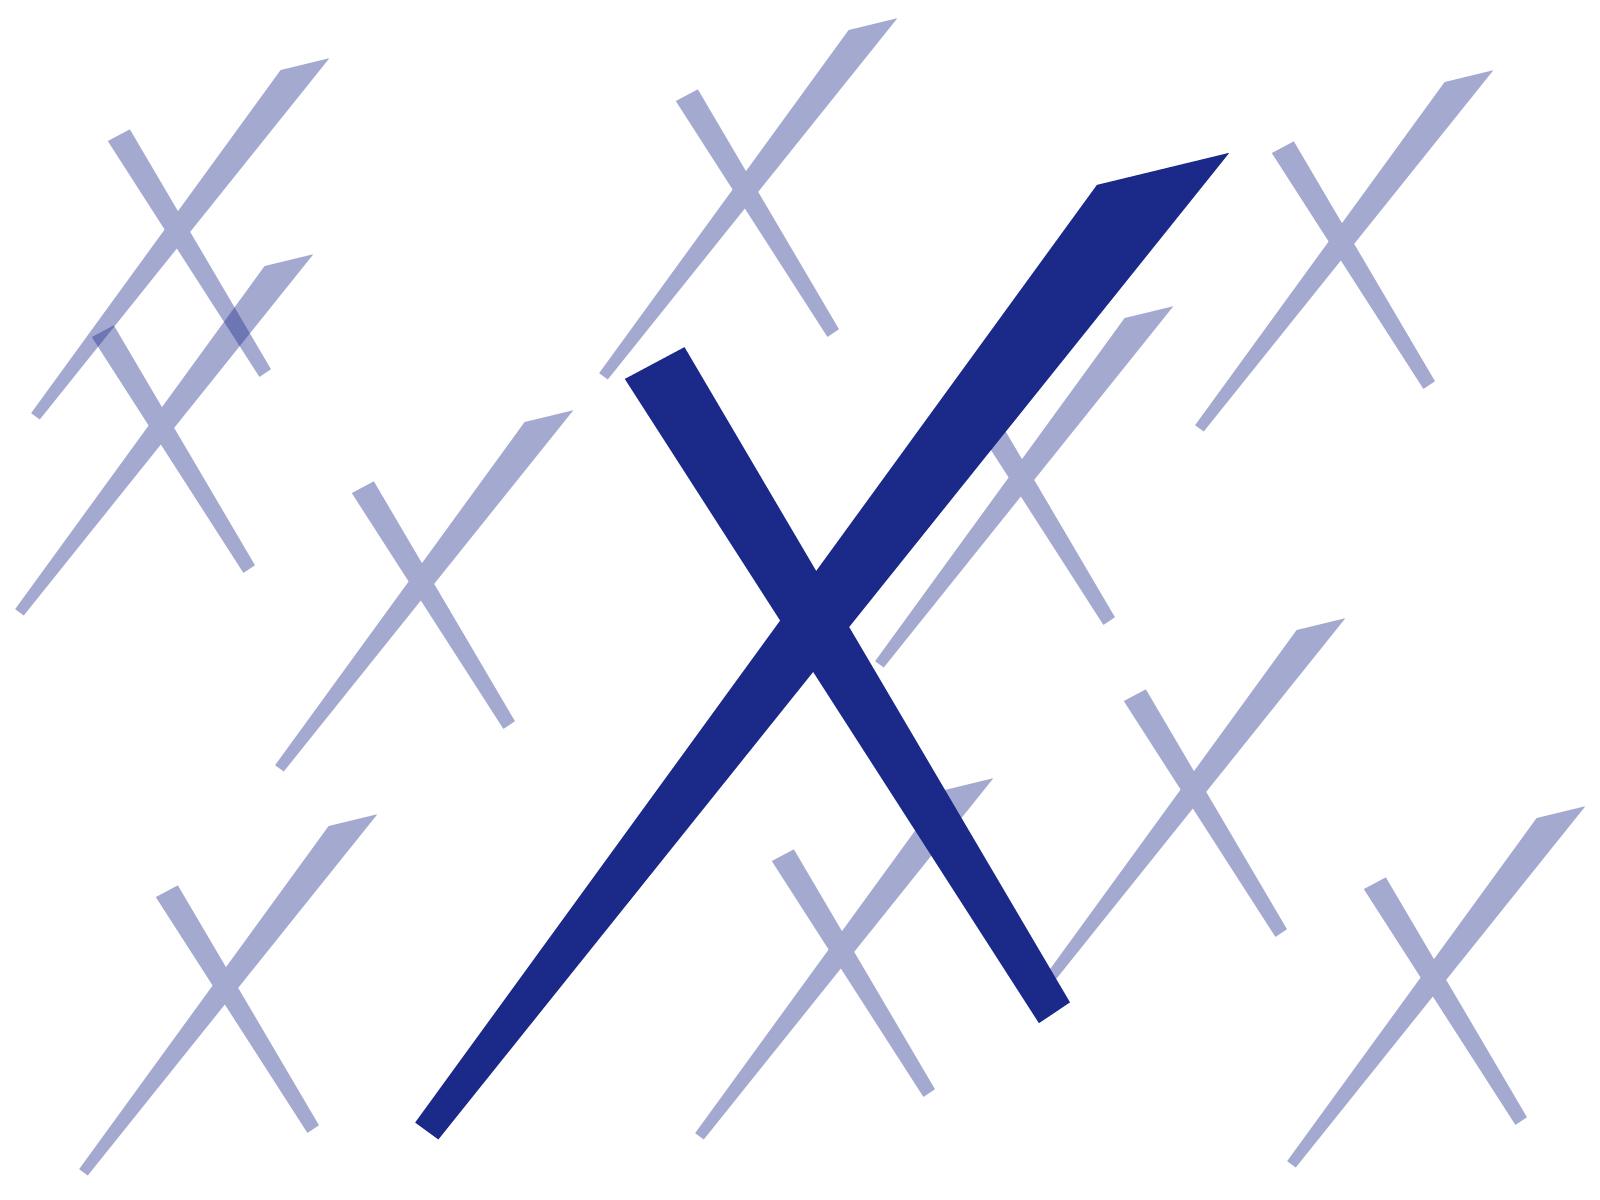 【先取り経済】ミクロ対策~2本のペンと面積パズル